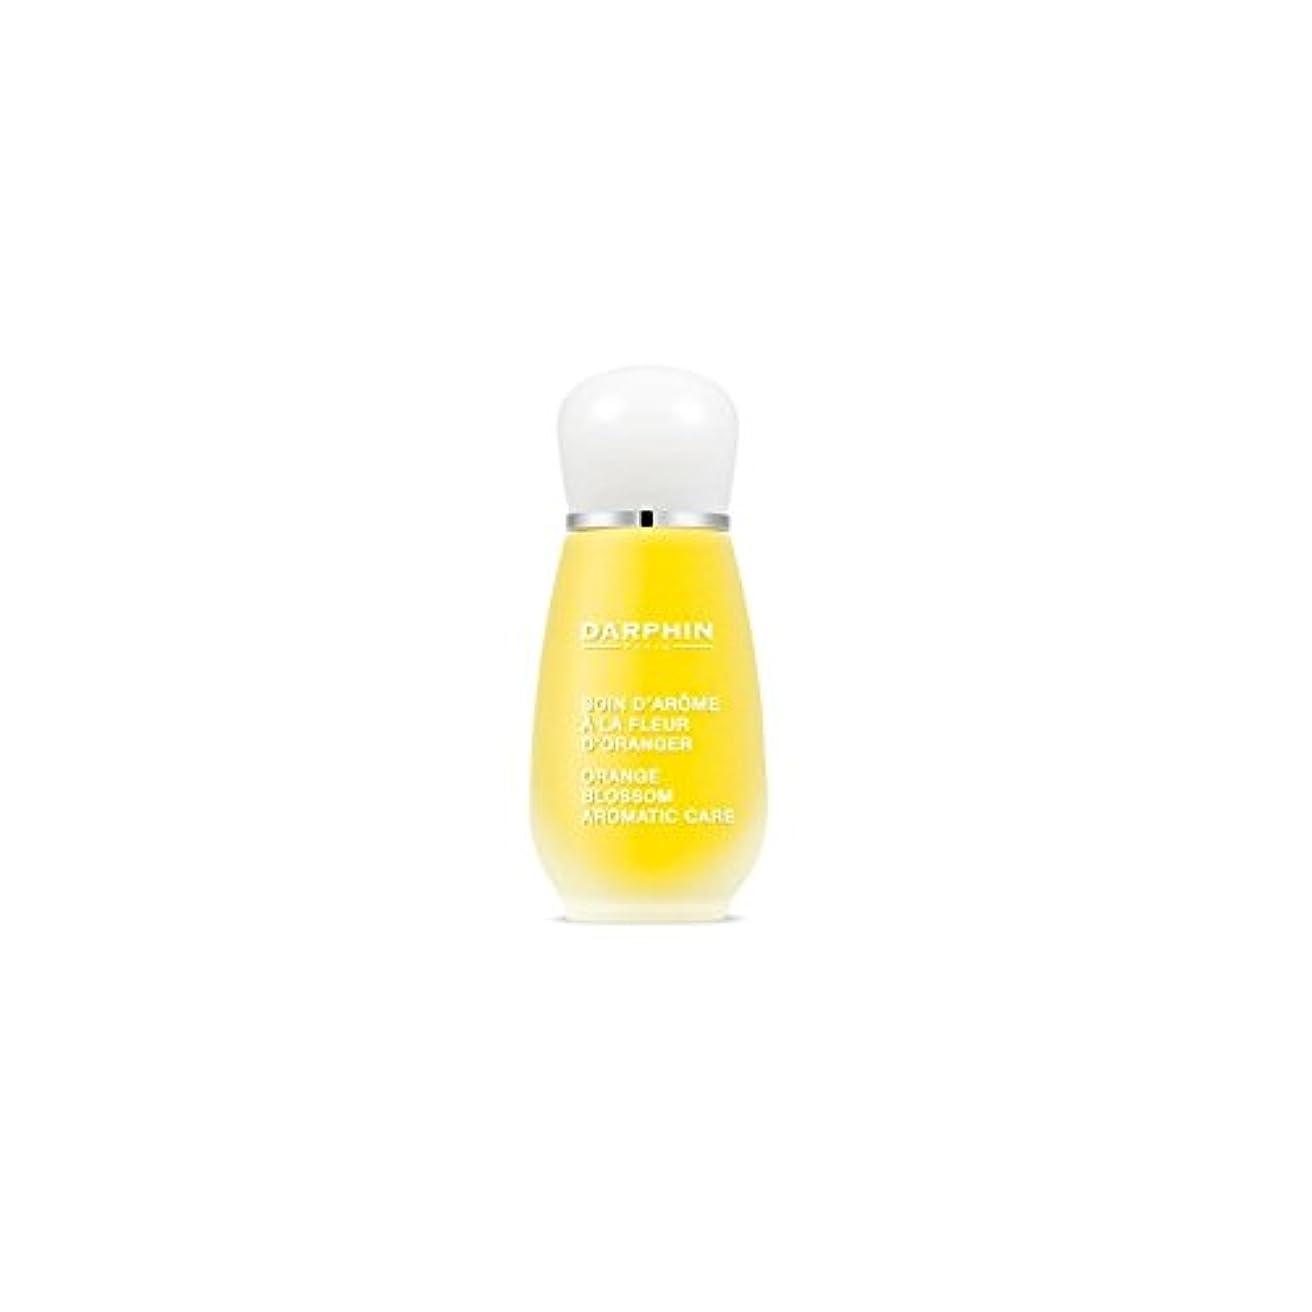 お手入れファセット質量ダルファンオレンジの花の芳香ケア(15ミリリットル) x4 - Darphin Orange Blossom Aromatic Care (15ml) (Pack of 4) [並行輸入品]